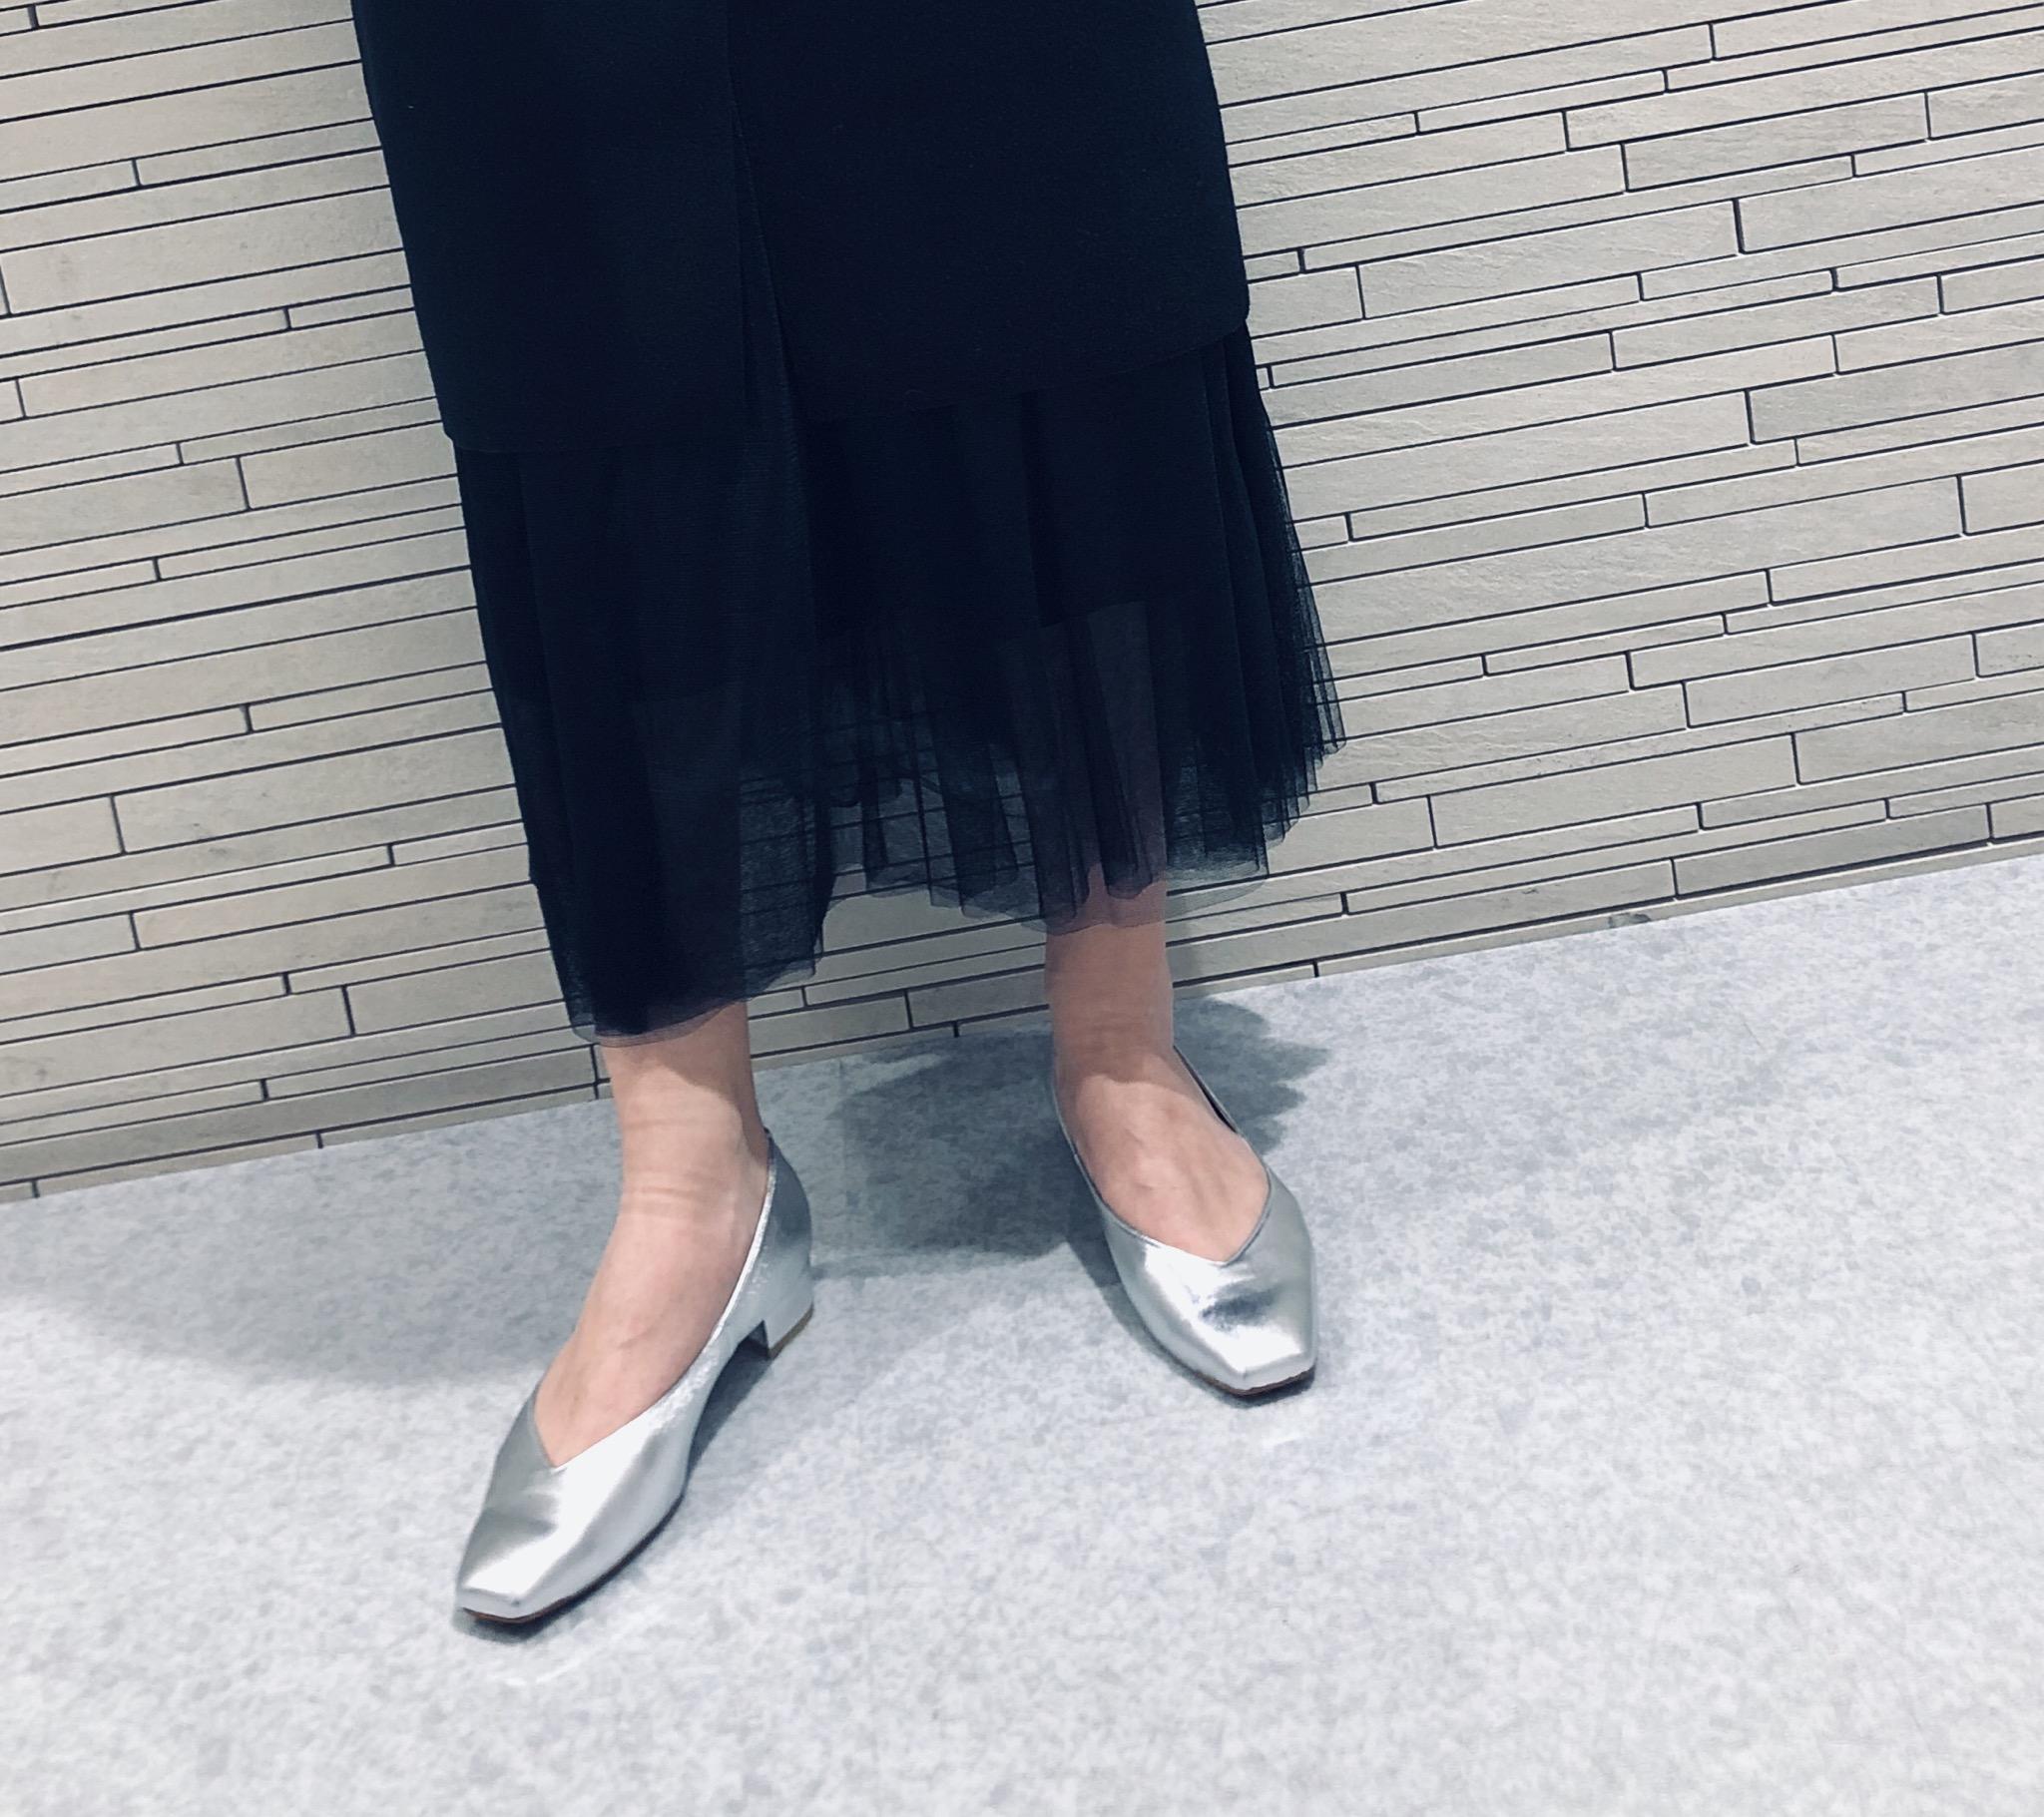 スクラップブック scrapbook  Scrap Book 池袋東武 セレクトショップ 可愛い カワイイ かわいい お洒落 オシャレ おしゃれ 靴 シューズ  履きやすい 日本製 シルバー